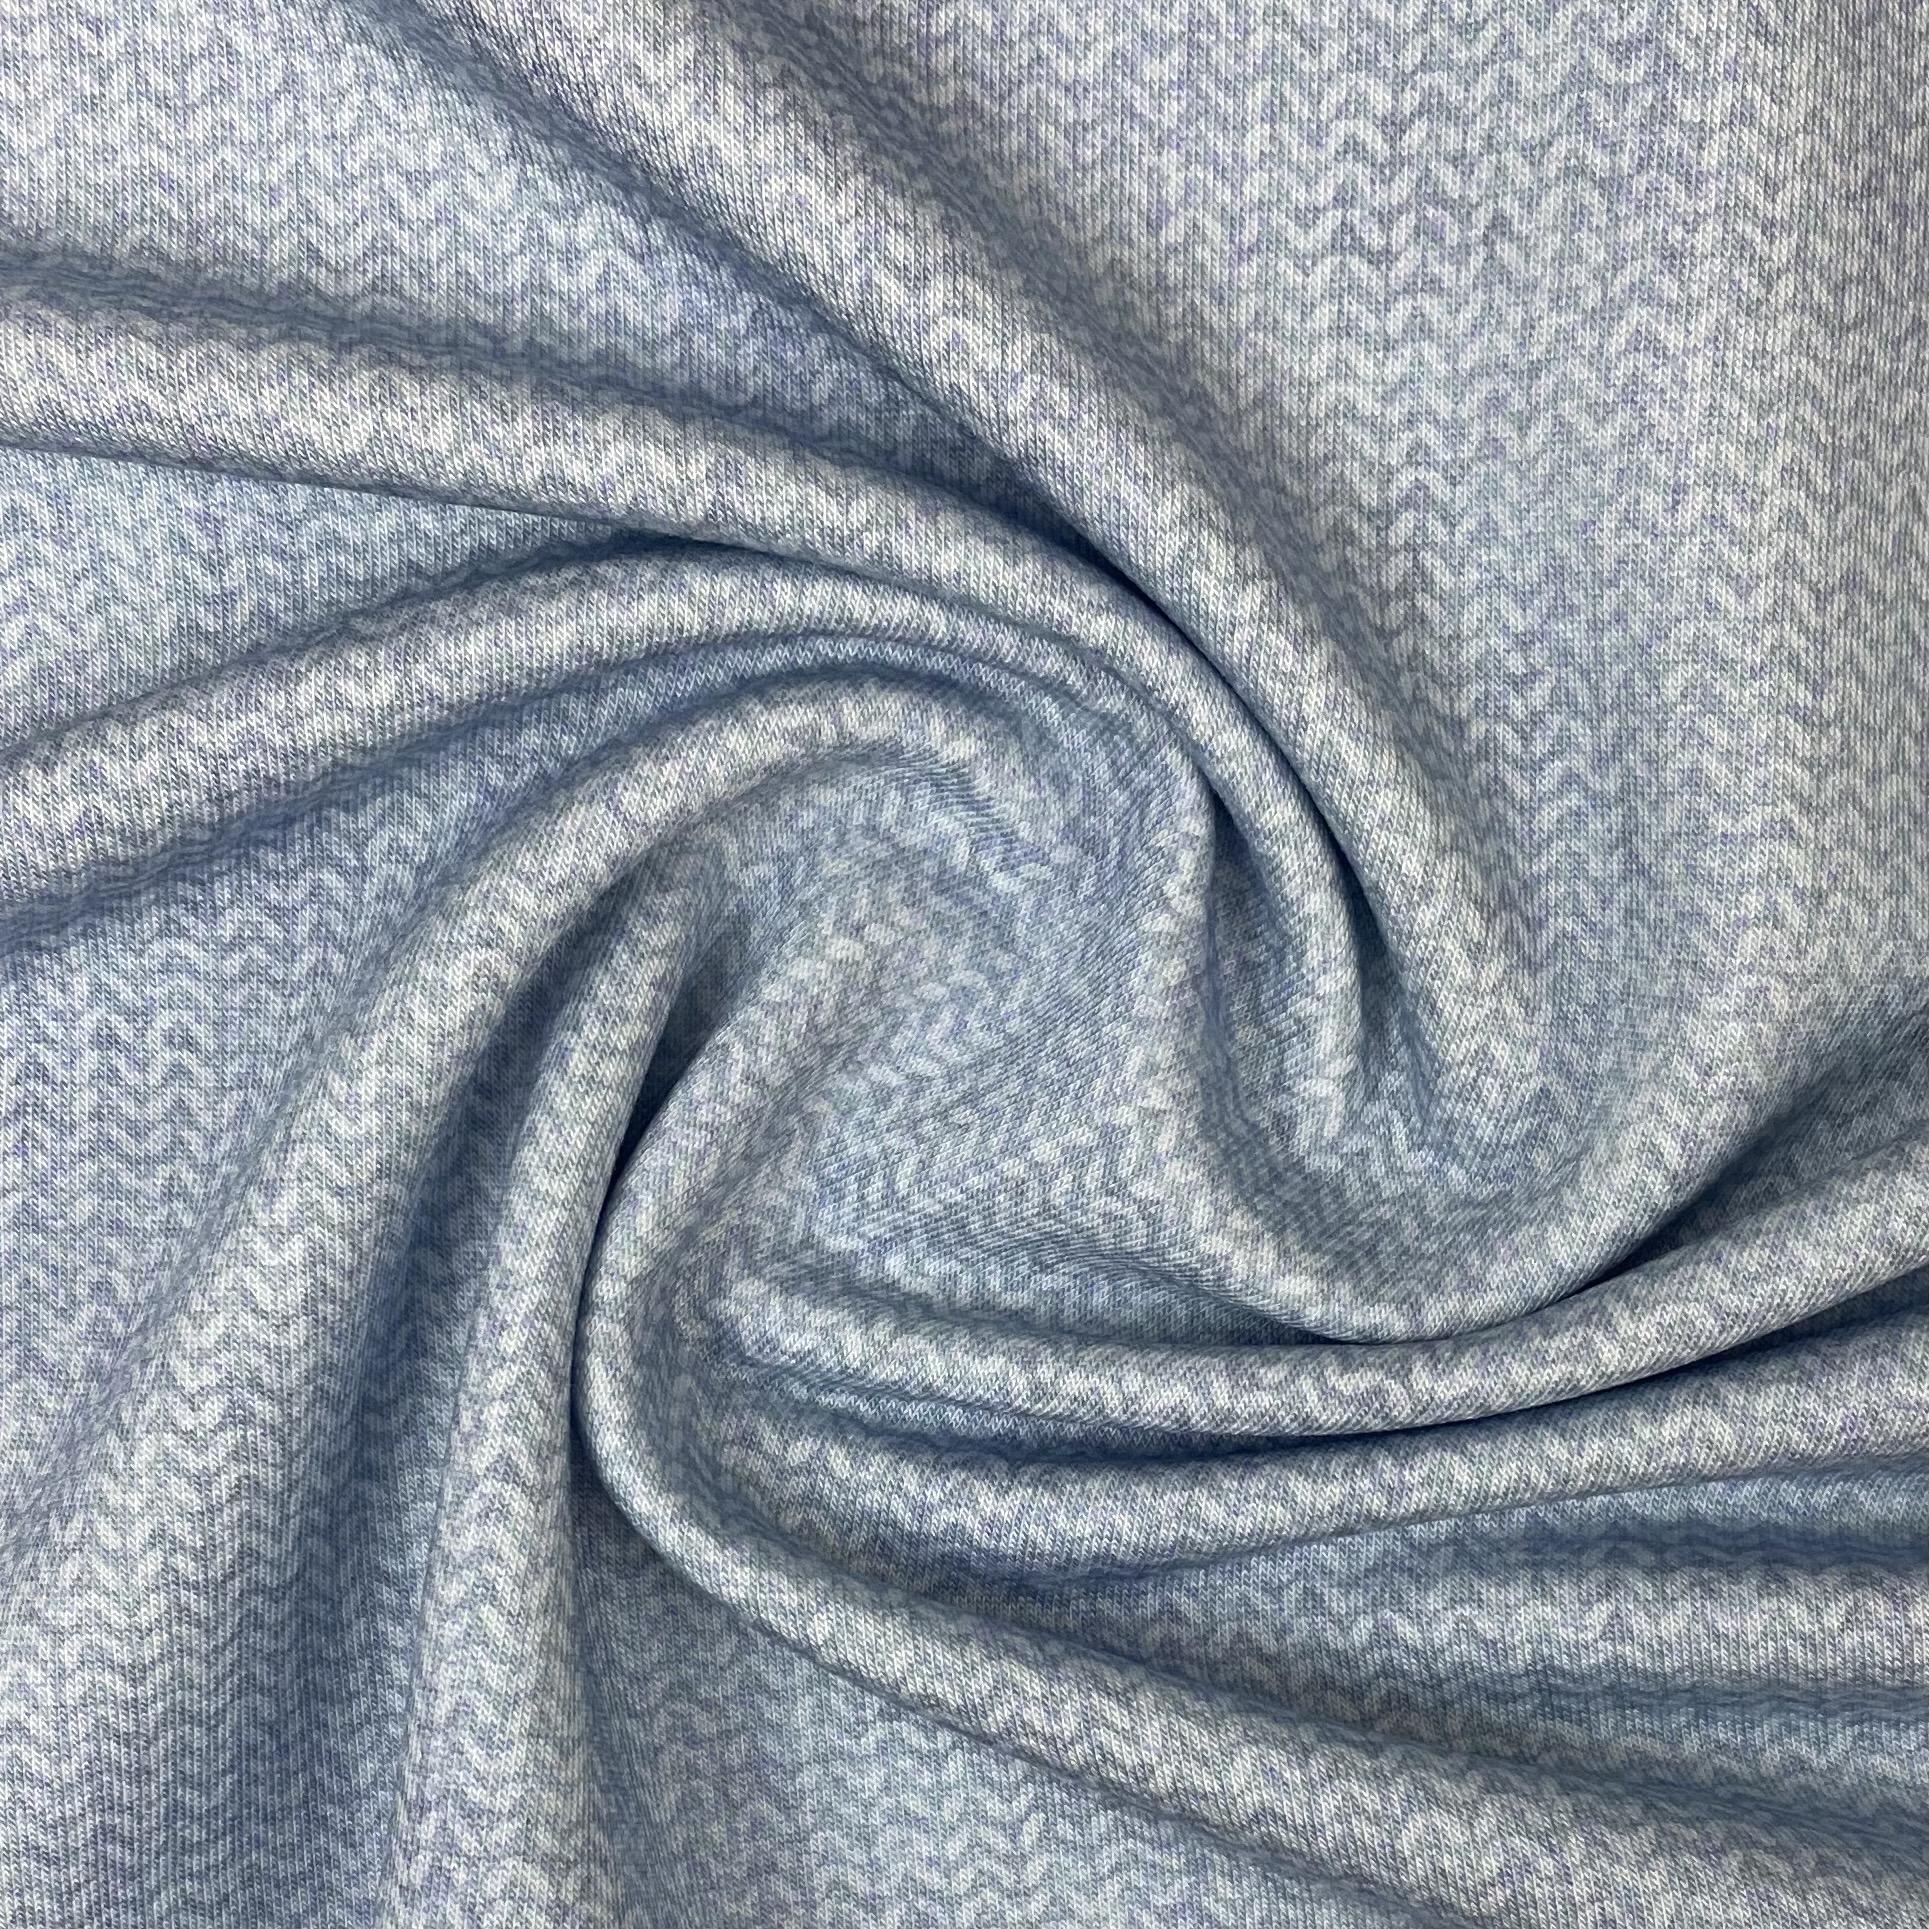 Modalsweat von Lillestoff, grau/blau. Art. 14740